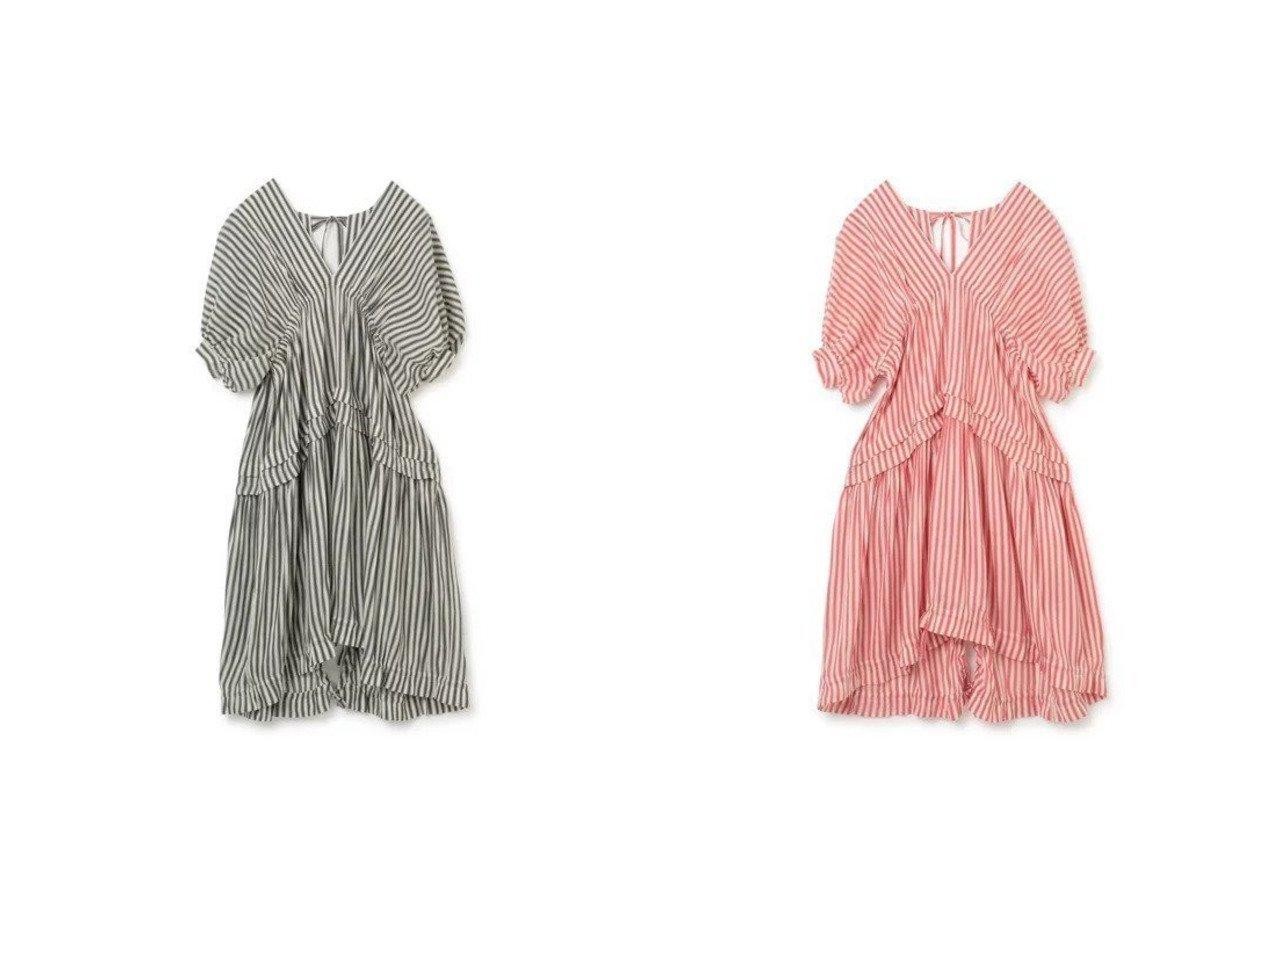 【beautiful people/ビューティフル ピープル】のpillow striped purse blouse dress 【ワンピース・ドレス】おすすめ!人気、トレンド・レディースファッションの通販 おすすめで人気の流行・トレンド、ファッションの通販商品 インテリア・家具・メンズファッション・キッズファッション・レディースファッション・服の通販 founy(ファニー) https://founy.com/ ファッション Fashion レディースファッション WOMEN ワンピース Dress ドレス Party Dresses 2021年 2021 2021春夏・S/S SS/Spring/Summer/2021 S/S・春夏 SS・Spring/Summer イレヘム ストライプ ダブル ドレス フリル リボン 半袖 |ID:crp329100000041739